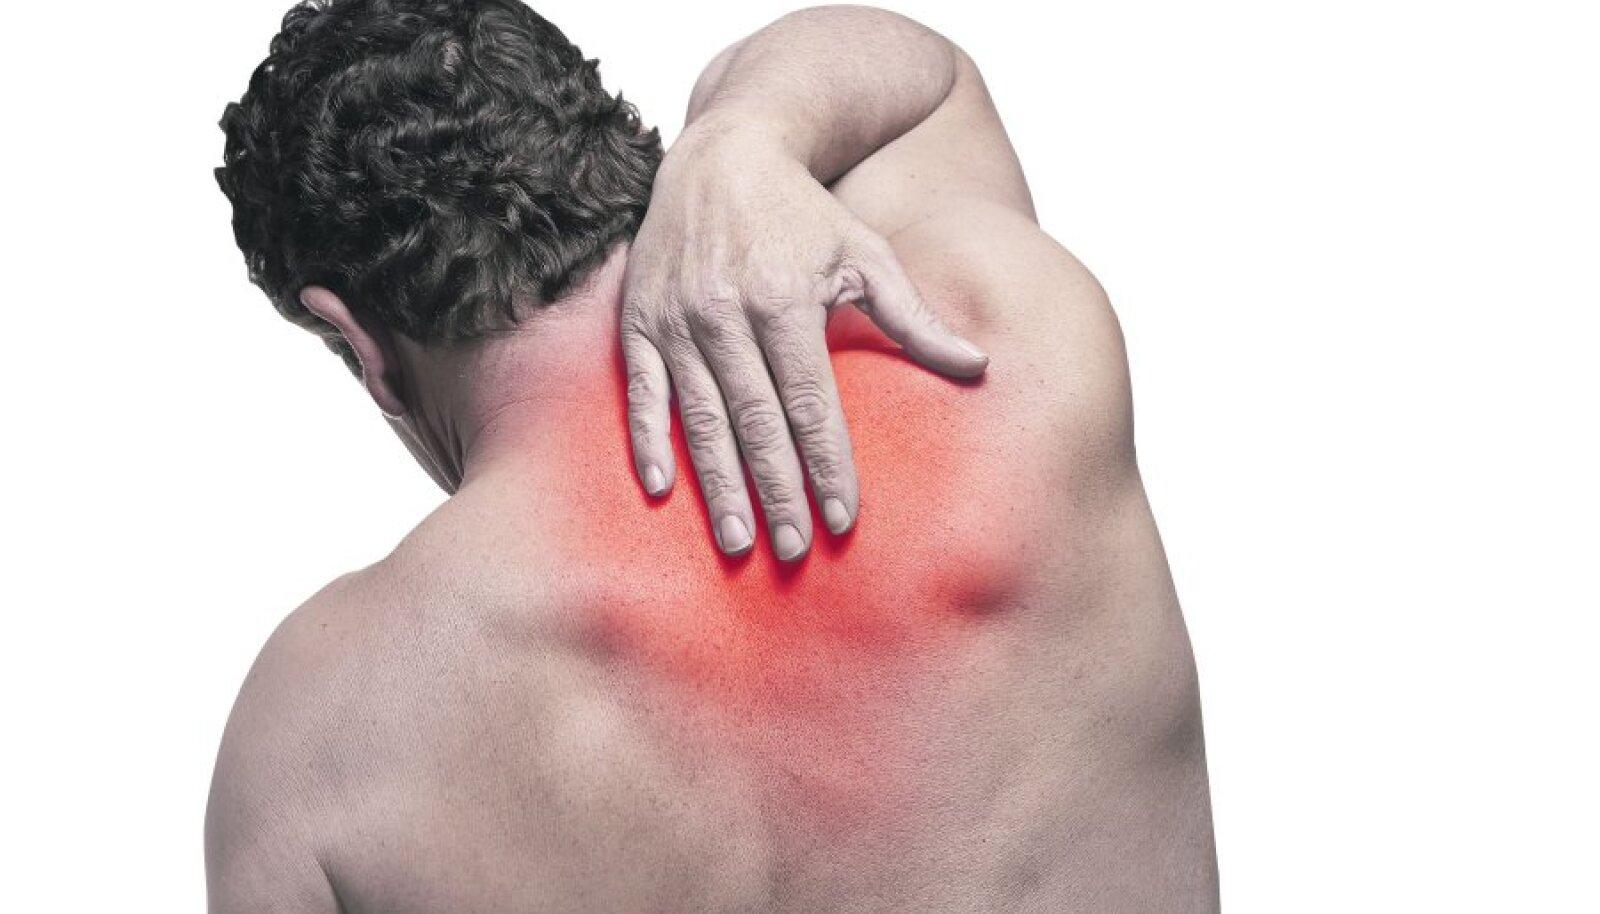 Poletik vaikeste liigeste kaeulatuses ravi Esmaabi liigeste vigastuste eest